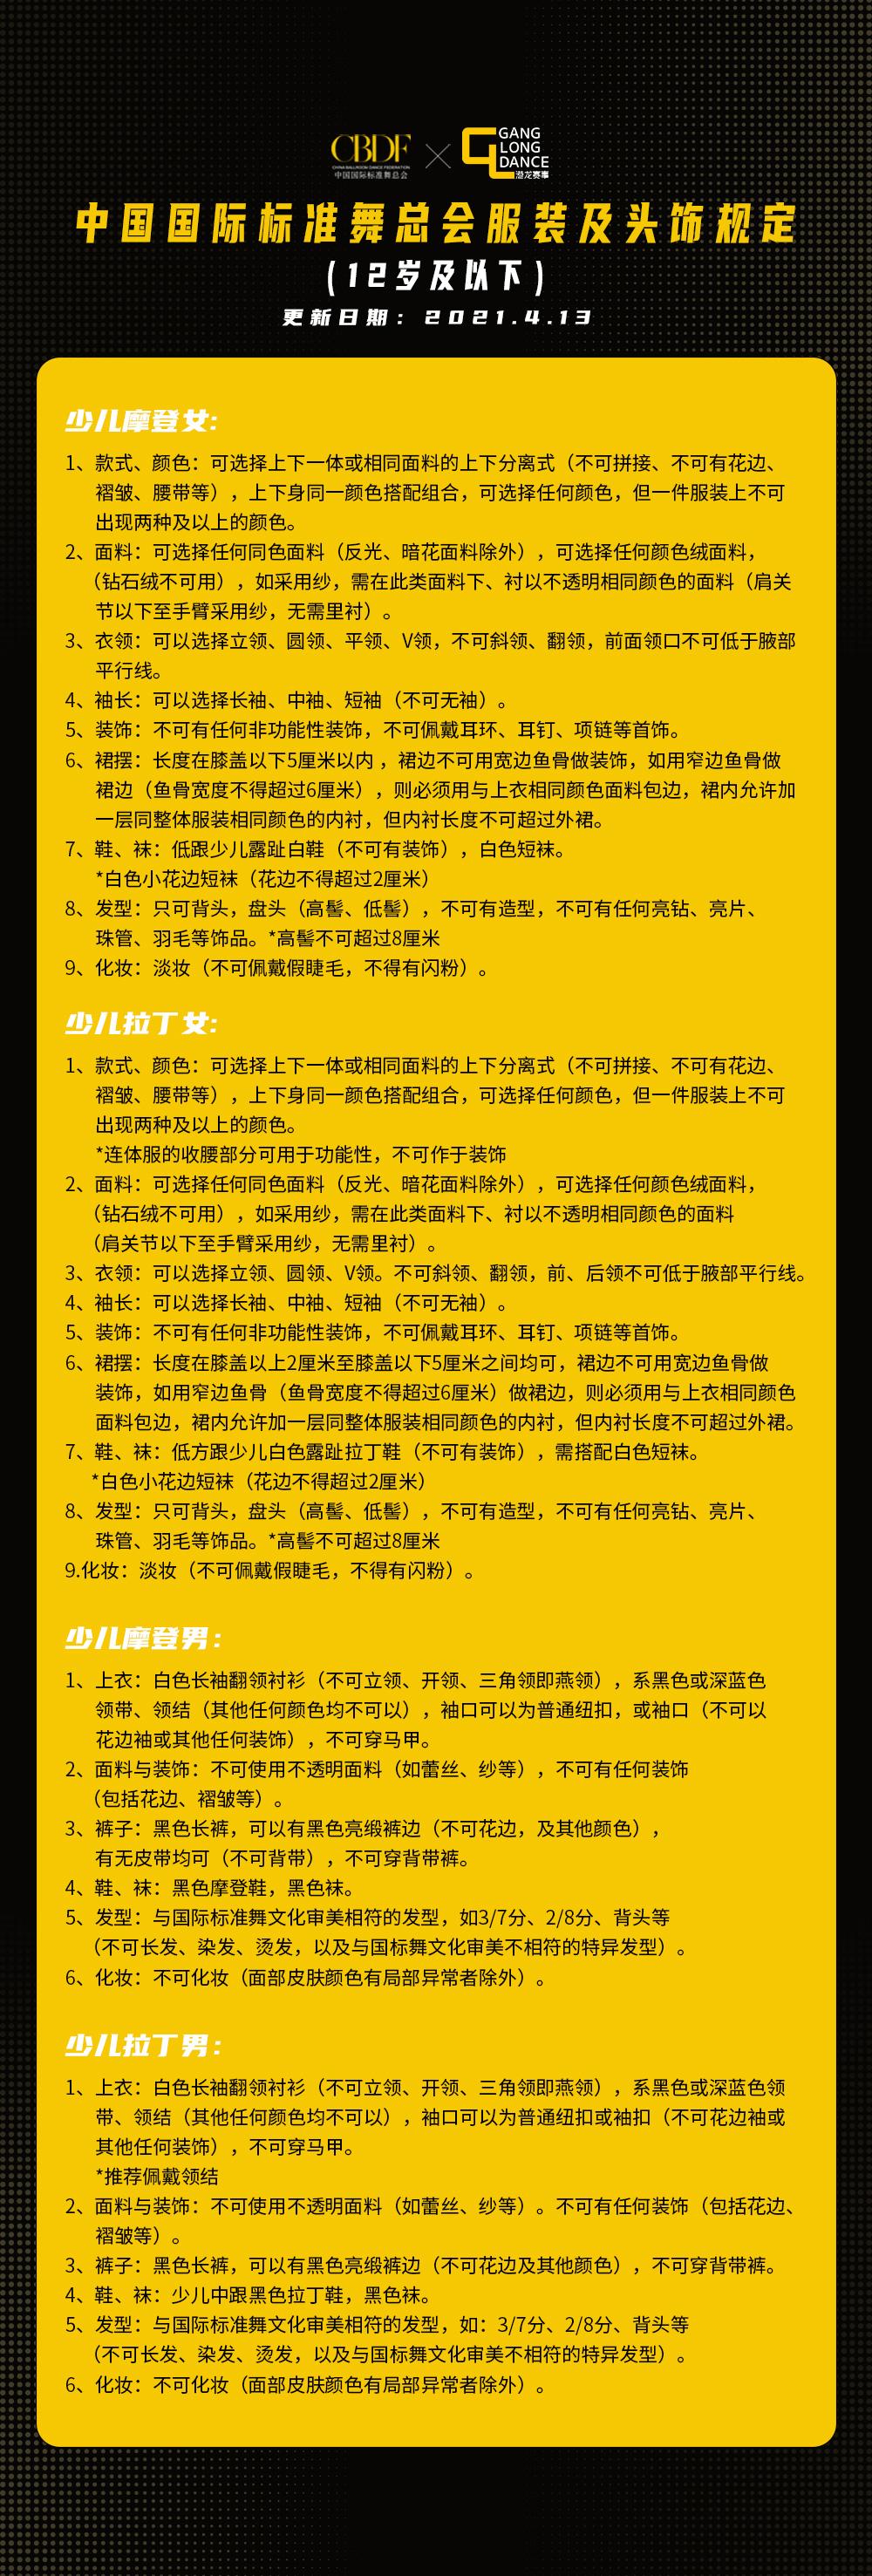 【通知】2021第21届CBDF中国国际标准舞青少年锦标赛(东北—沈阳)(图3)